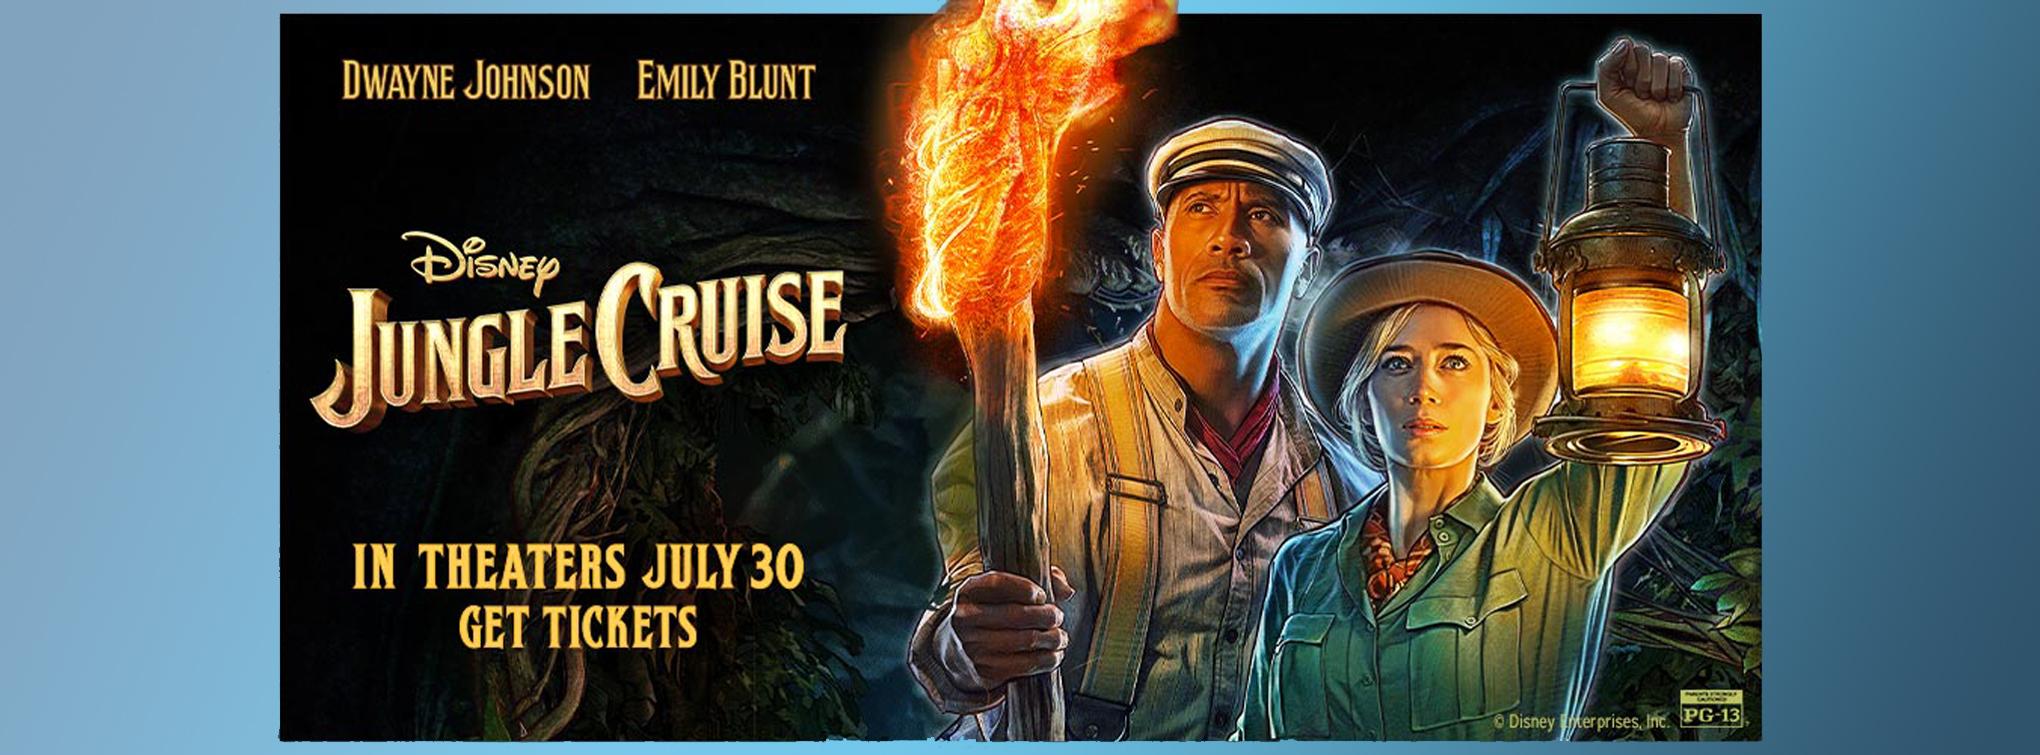 Slider image of Jungle Cruise